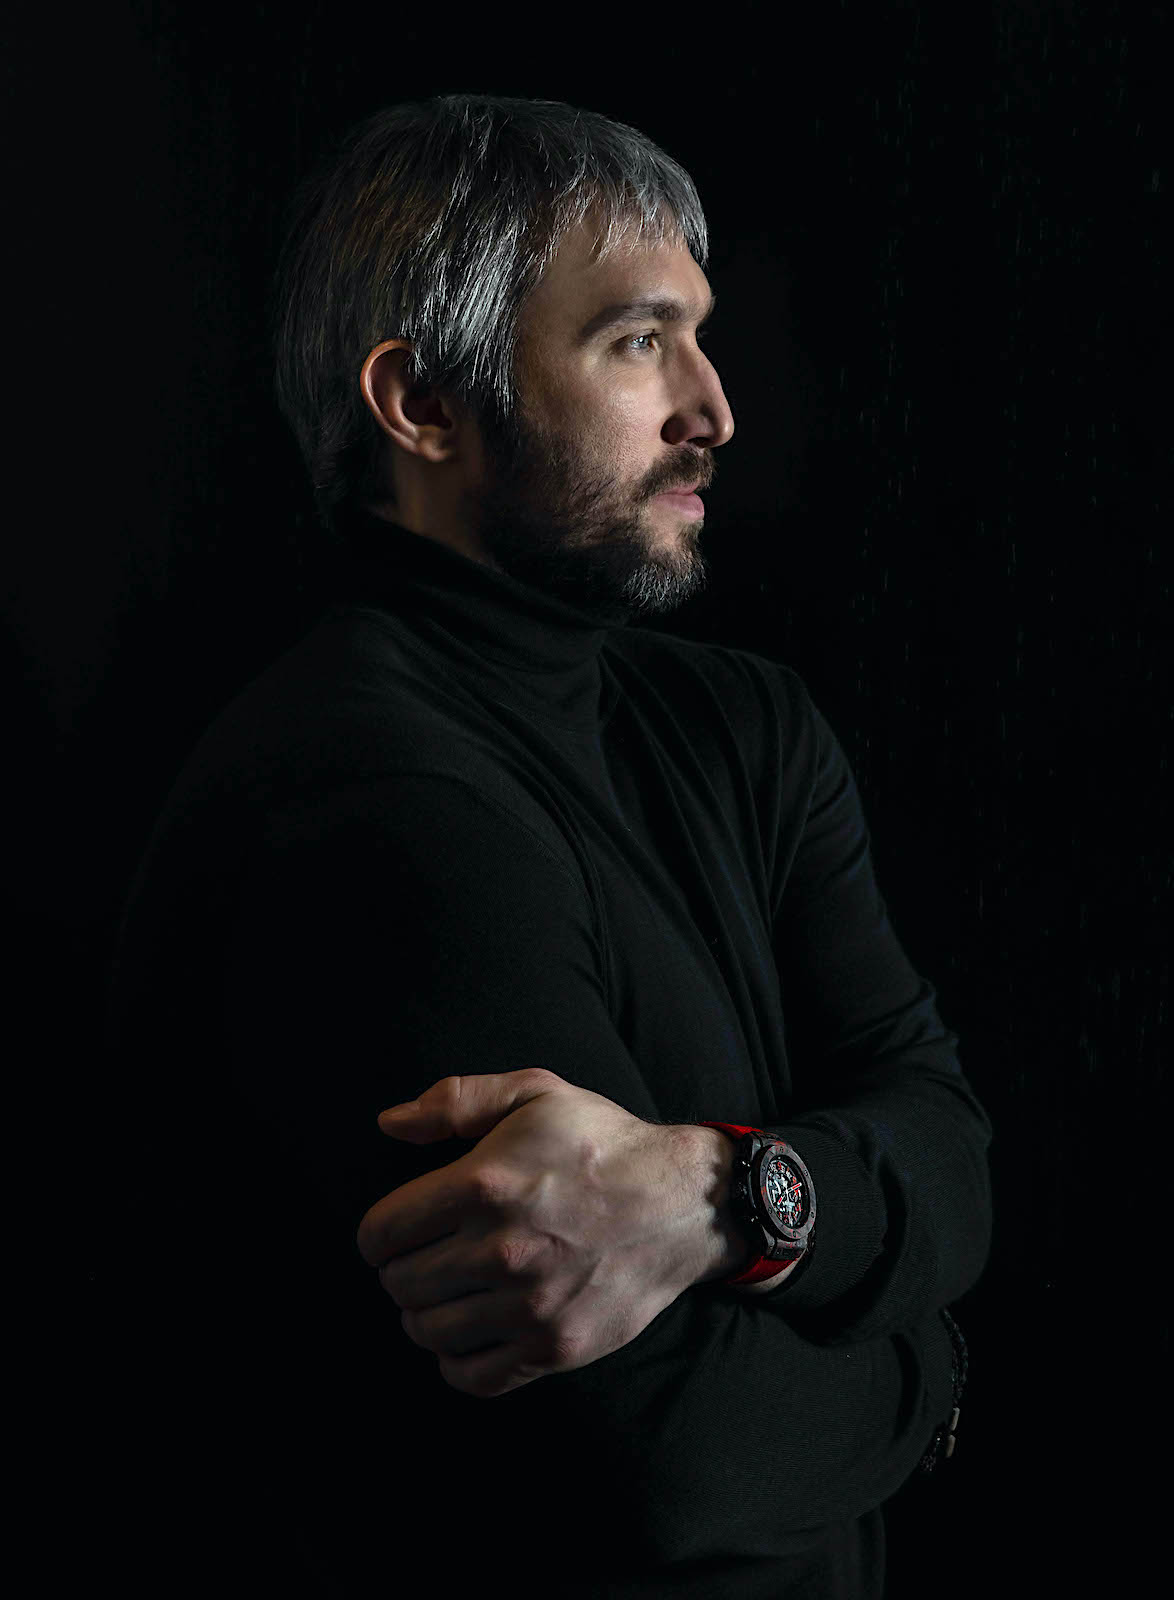 Hublot Big Bang Unico Red Carbon Alex Ovechkin - portrait